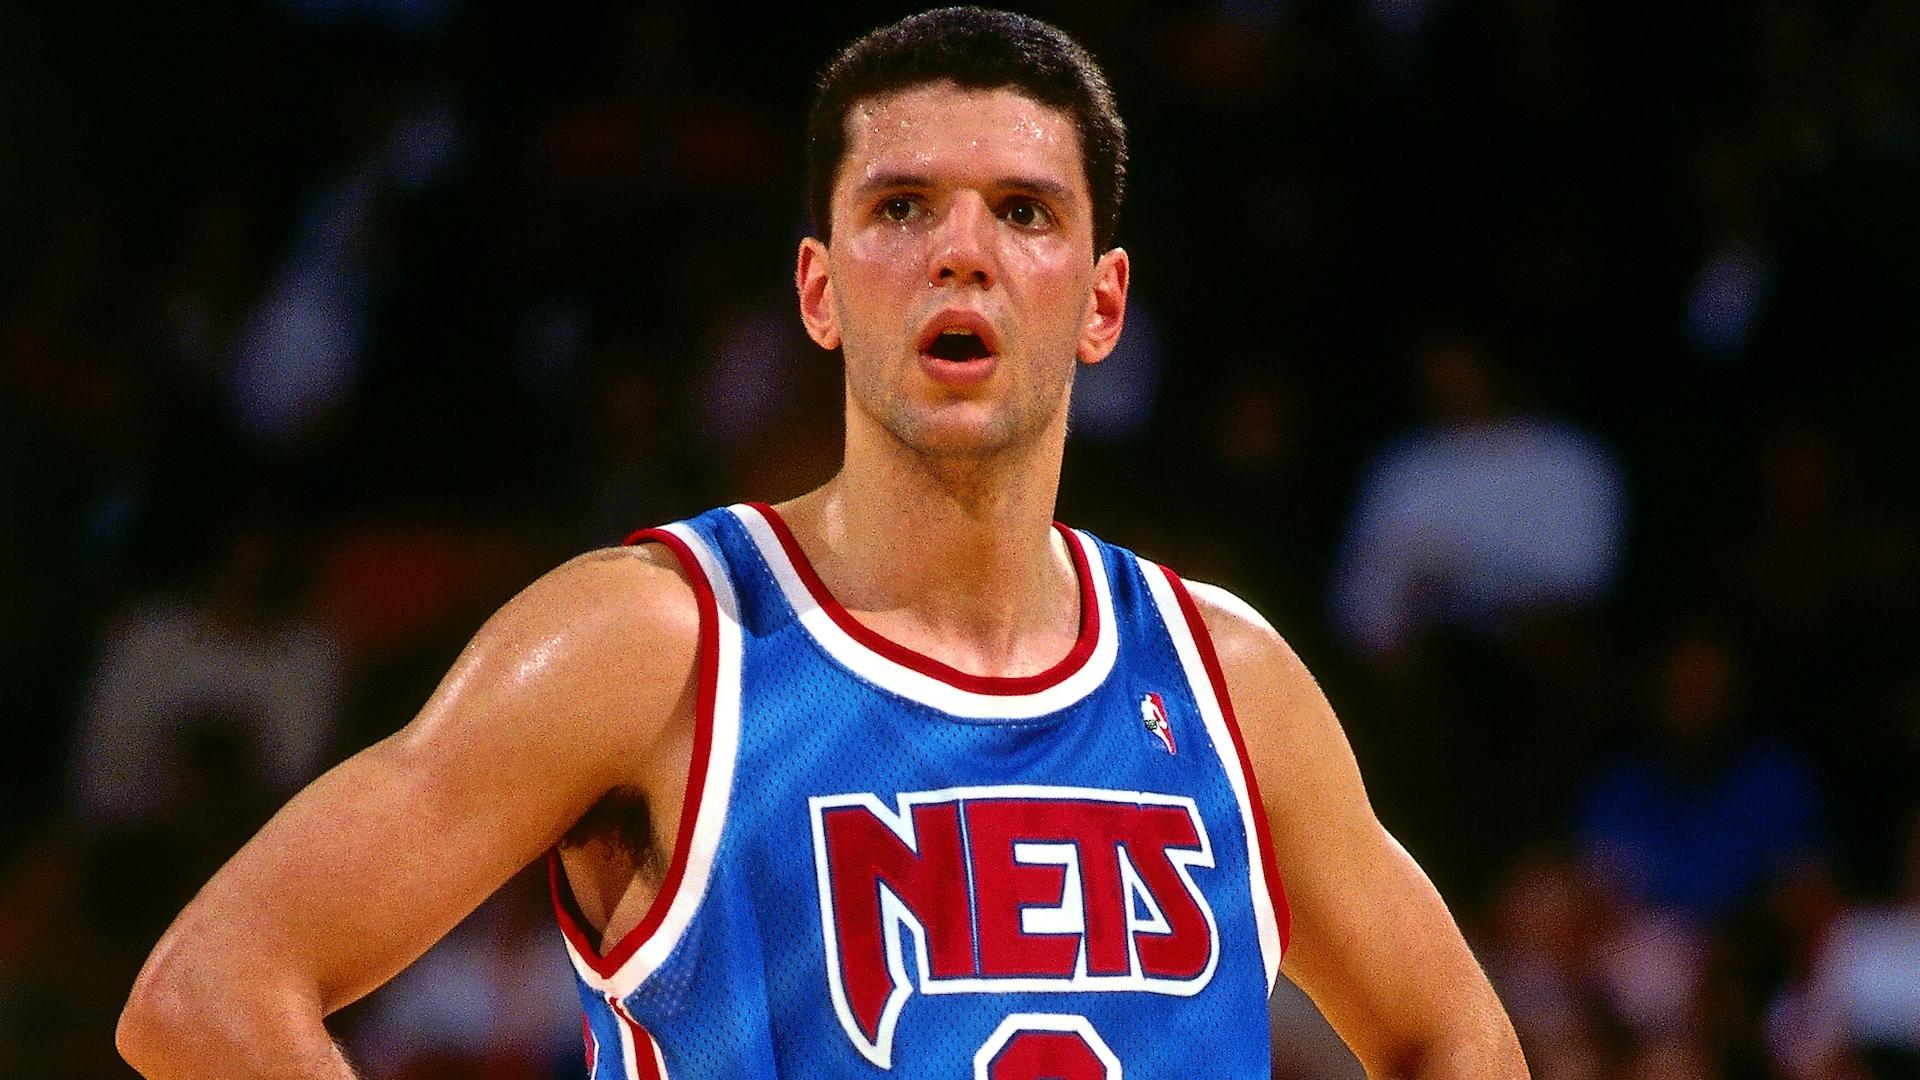 Netsi su mu u čast vratili garnituru dresova iz '90-ih: Dražen Petrović bi  danas slavio 56. rođendan | Pametnima dosta